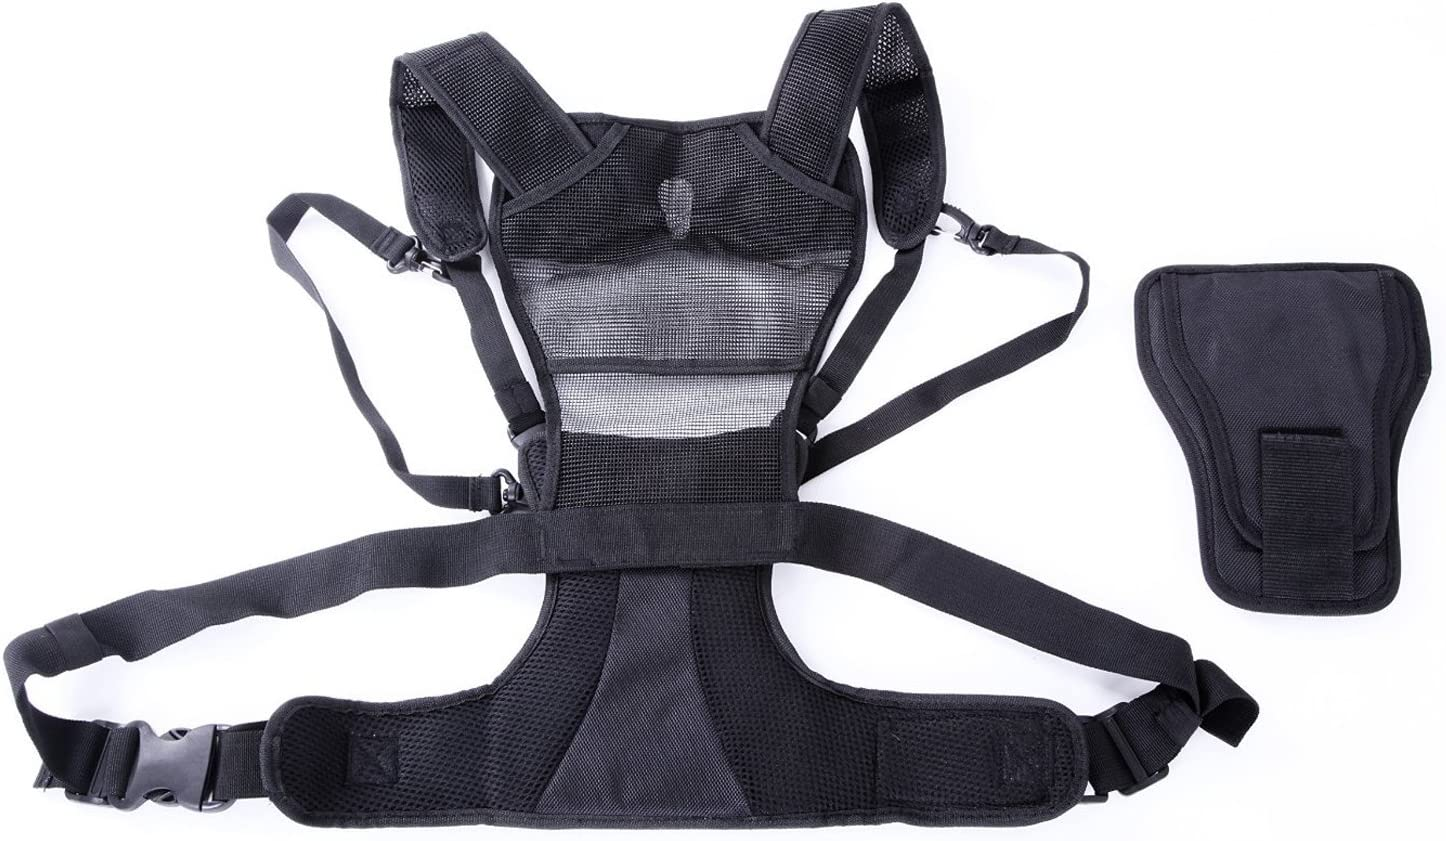 SUPPORTO DOPPIO 2 fotocamera che trasportano Sul Petto Imbracatura fotografo Quick Strap Vest Nuovo